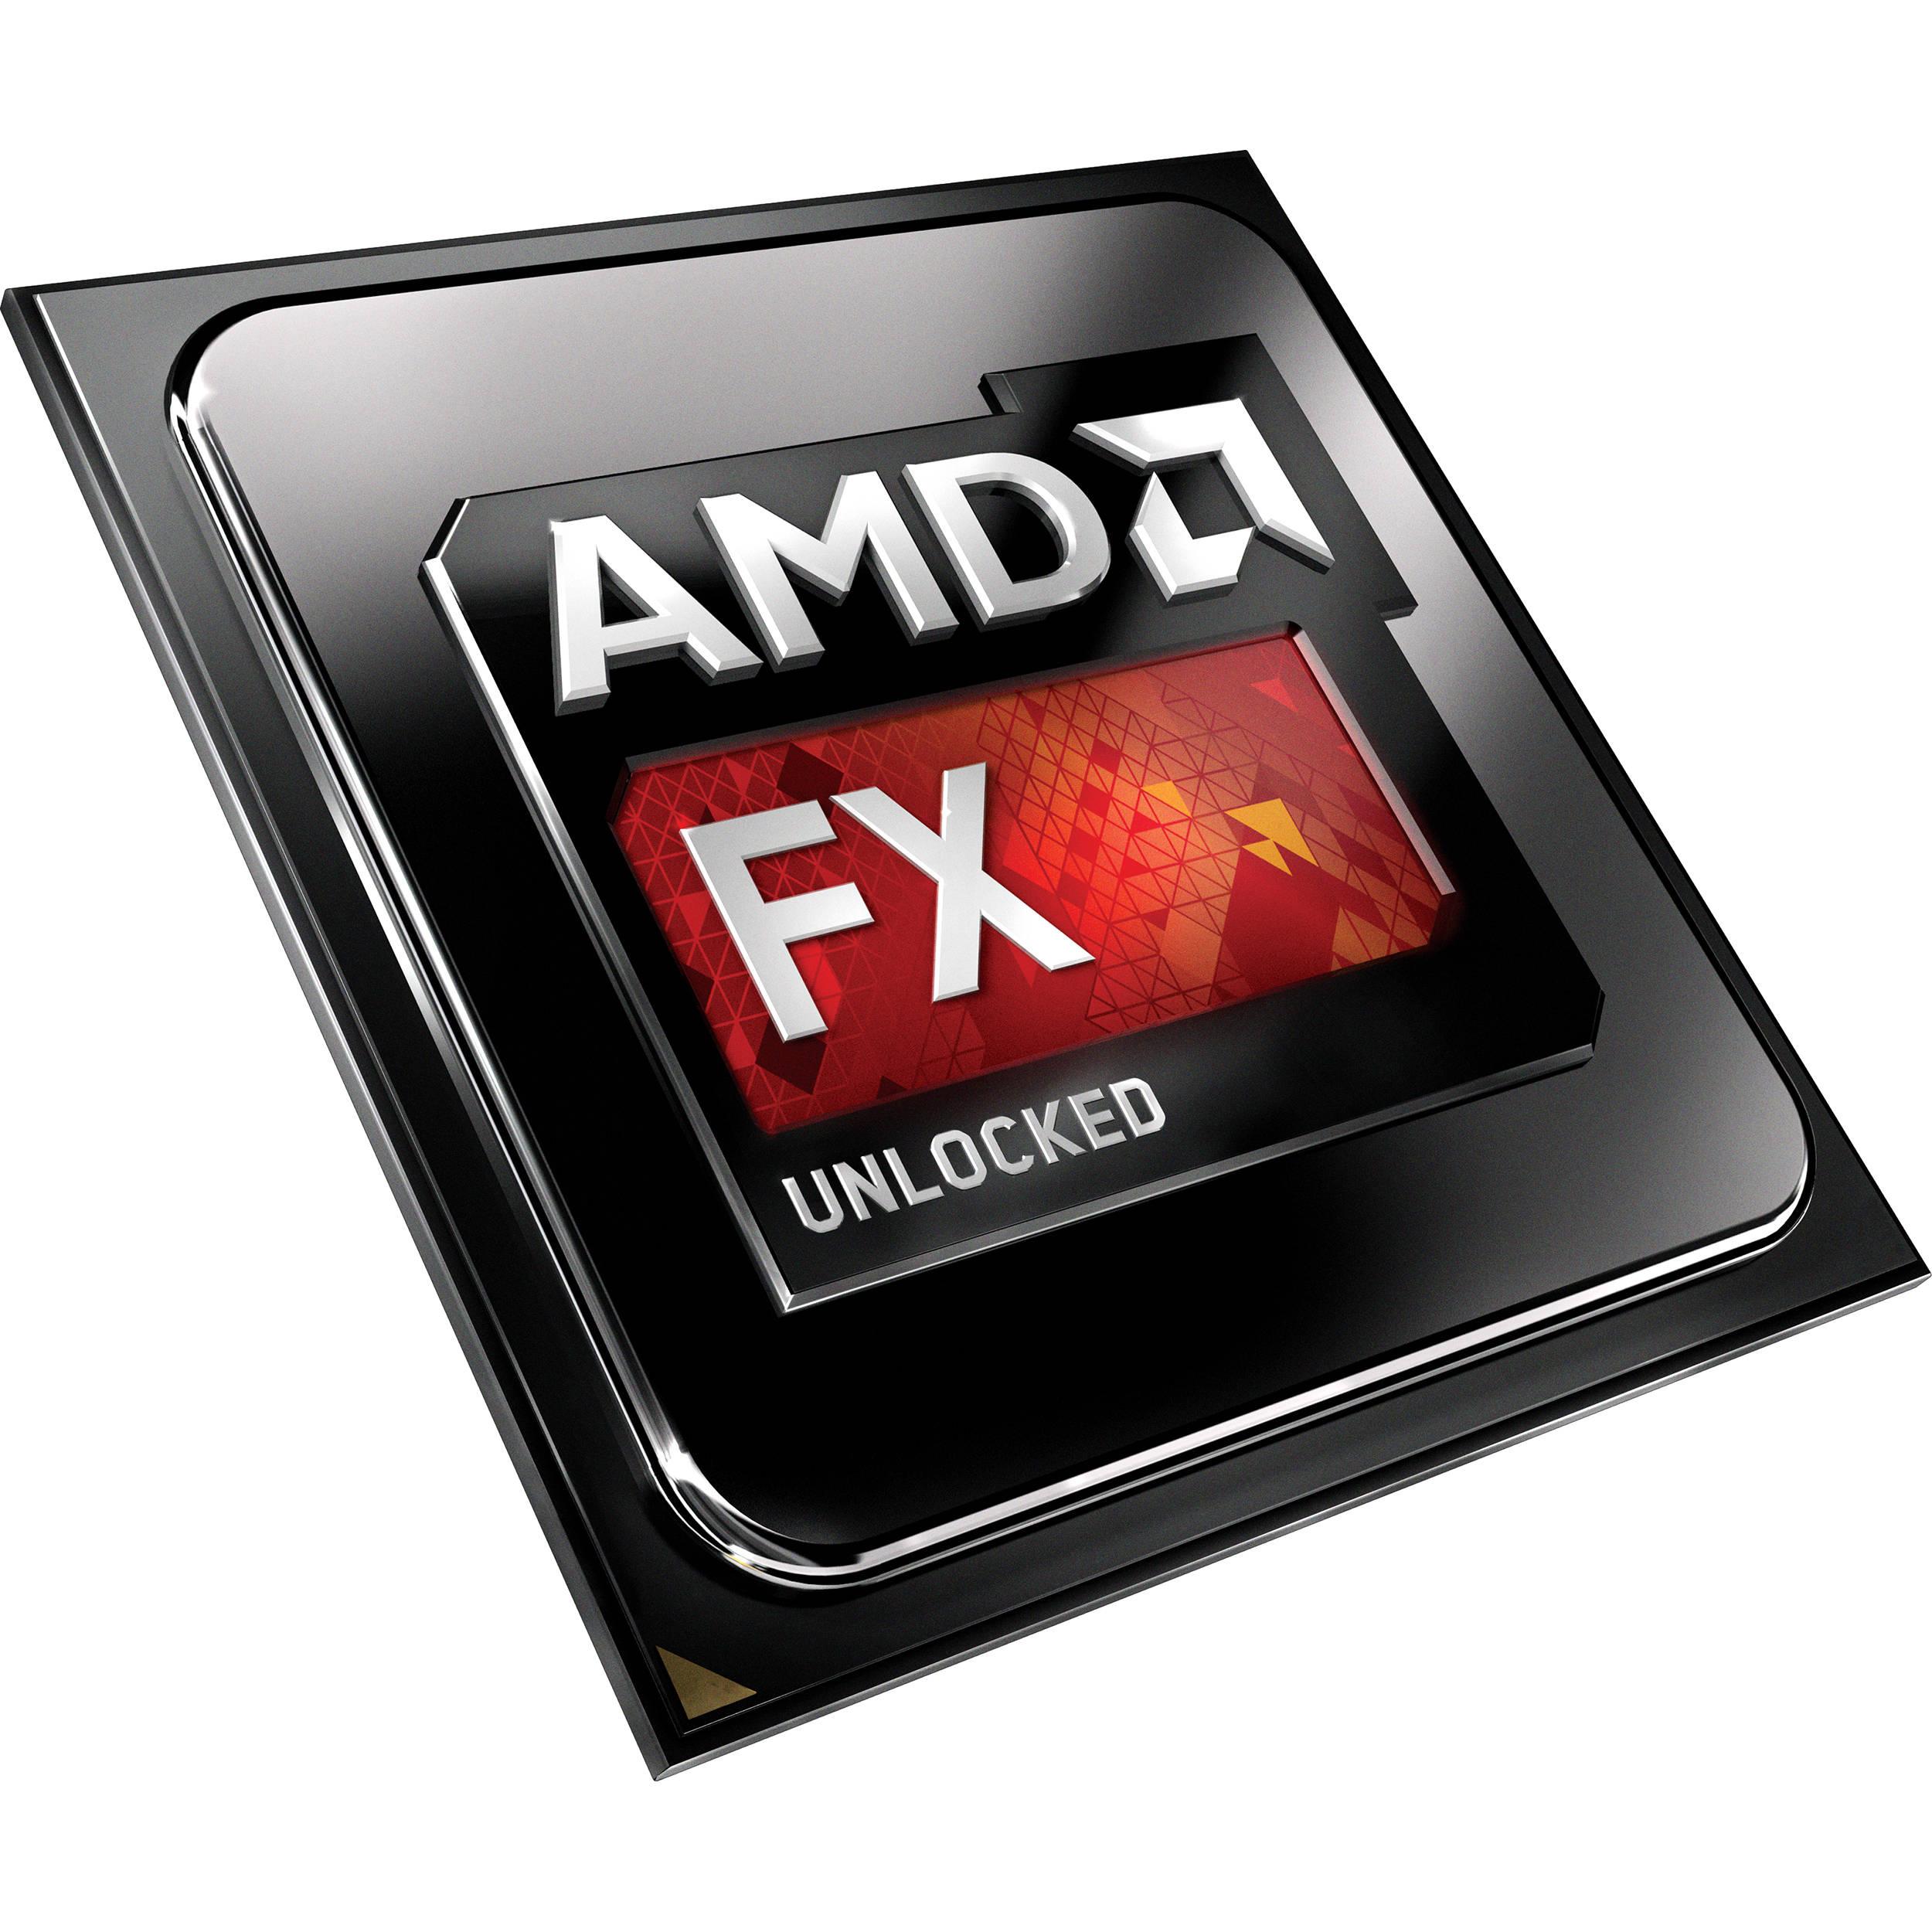 6-Core FX 6300 3 5 GHz Processor